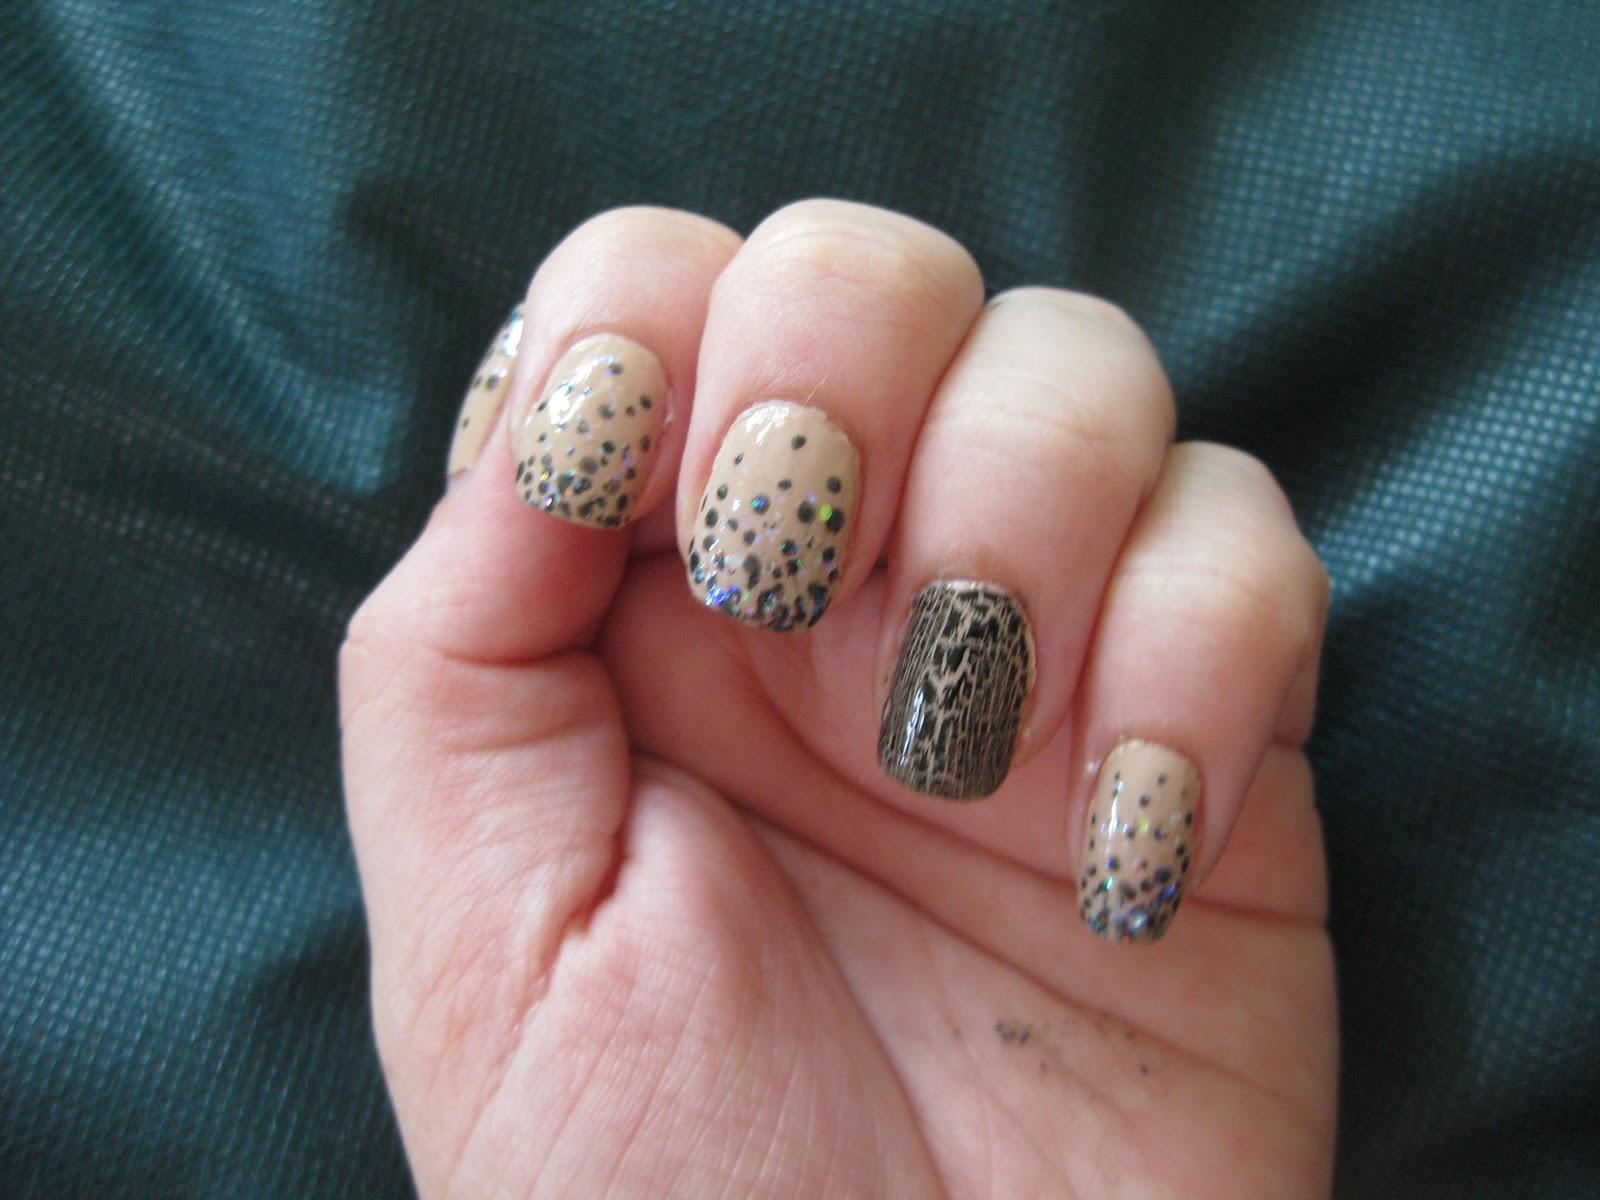 Unprofessional Nails: Zoya Avery Polka dota